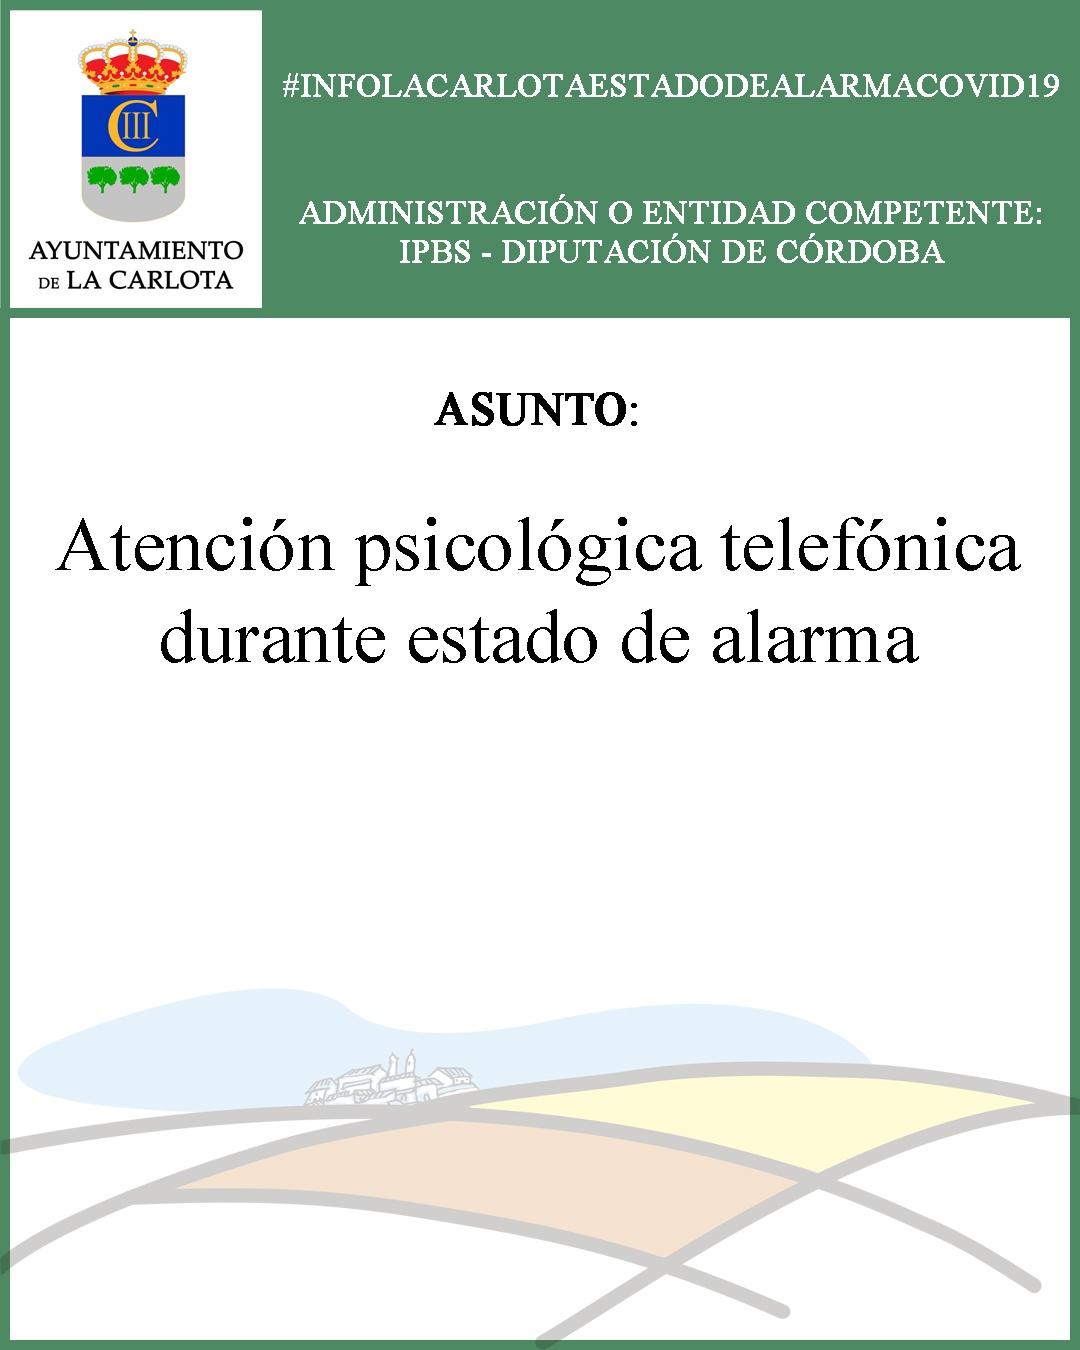 #INFOLACARLOTAESTADODEALARMACOVID19 ATENCIÓN PSICOLÓGICA TELEFÓNICA DURANTE ESTADO DE ALARMA 1